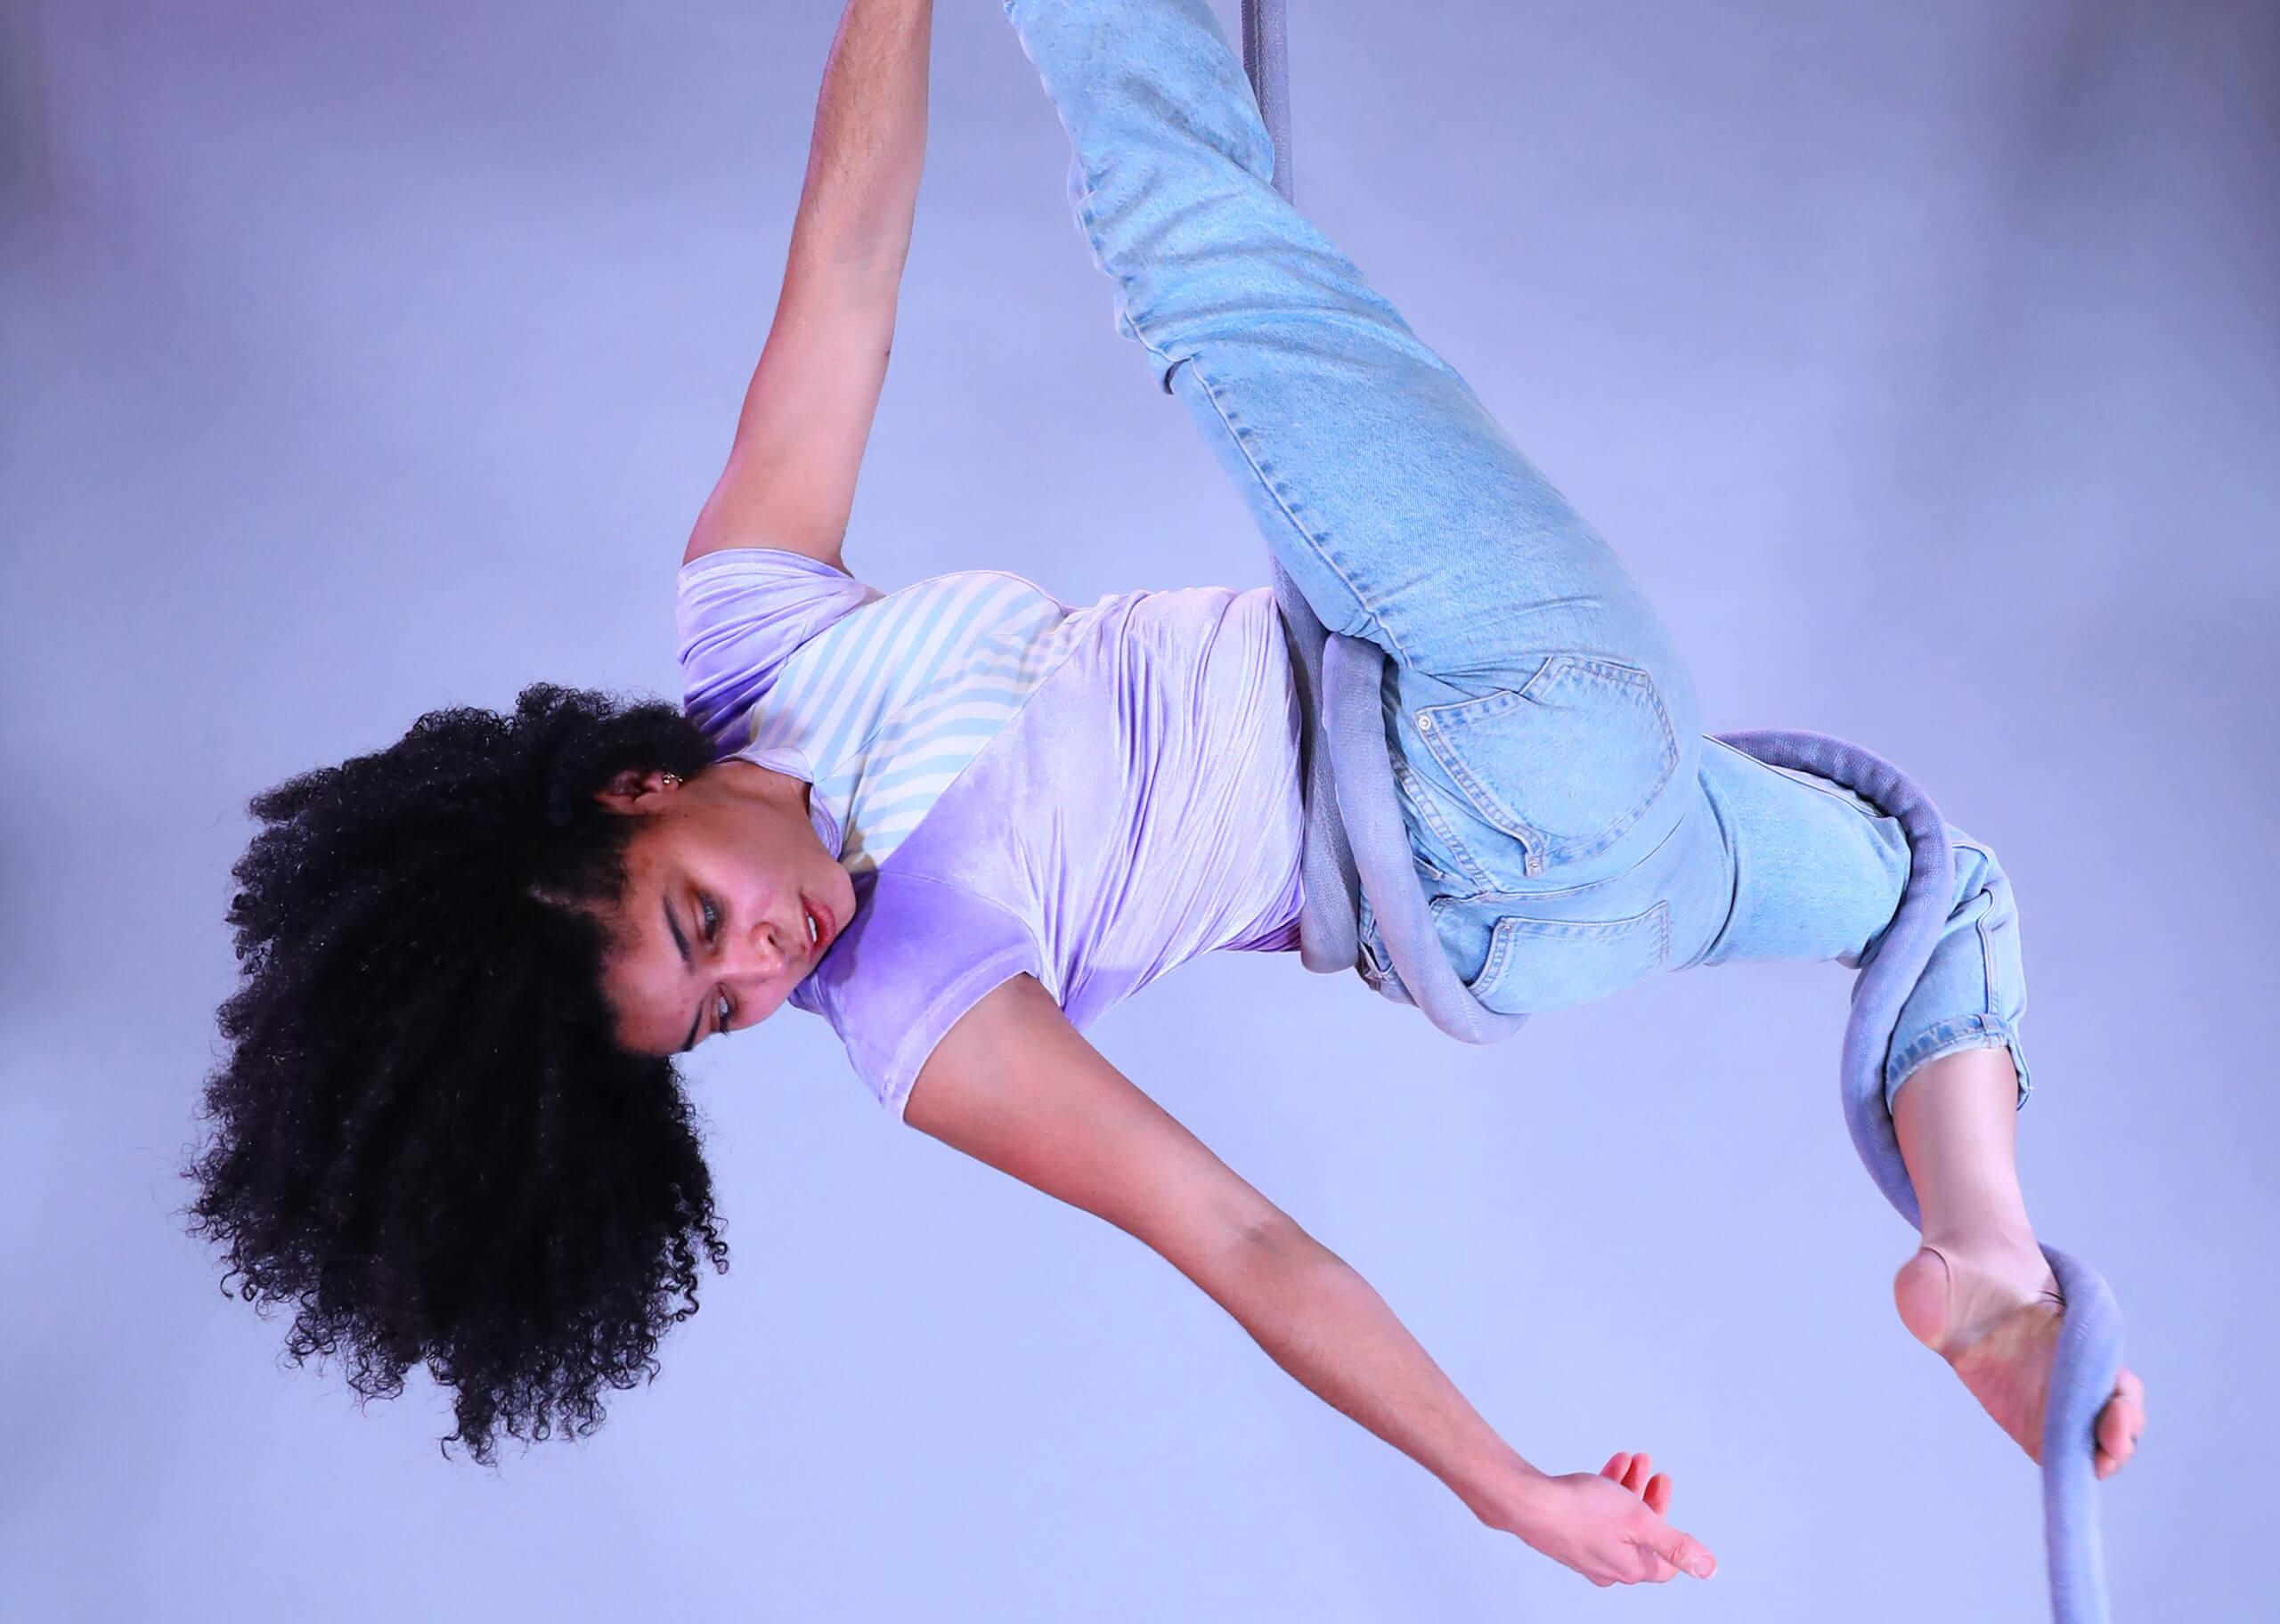 Child on aerial silks